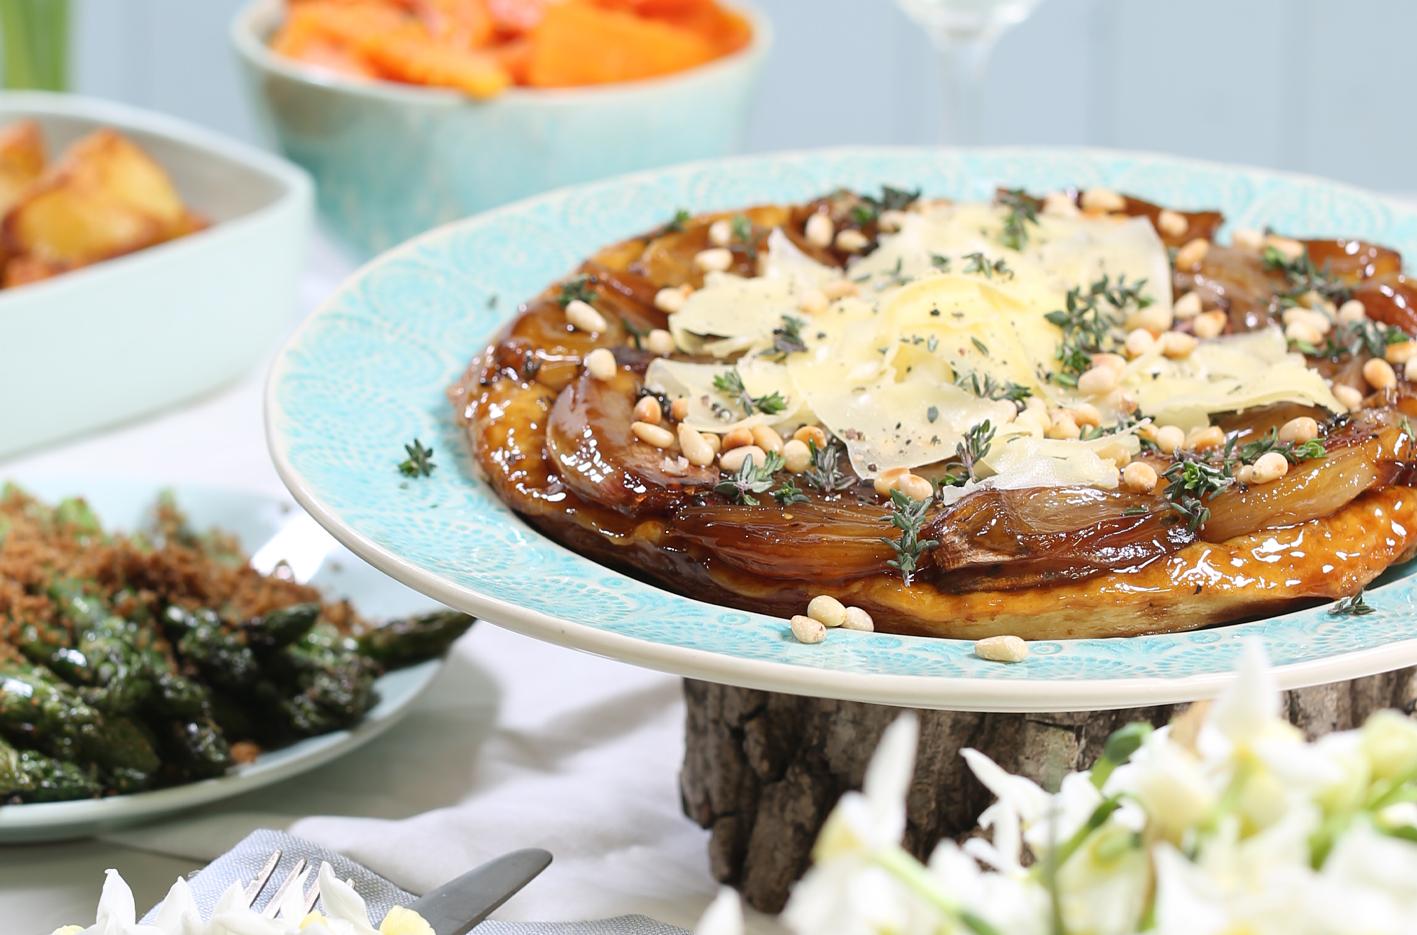 Caramelised Shallot & Wyfe of Bath Cheese Tart